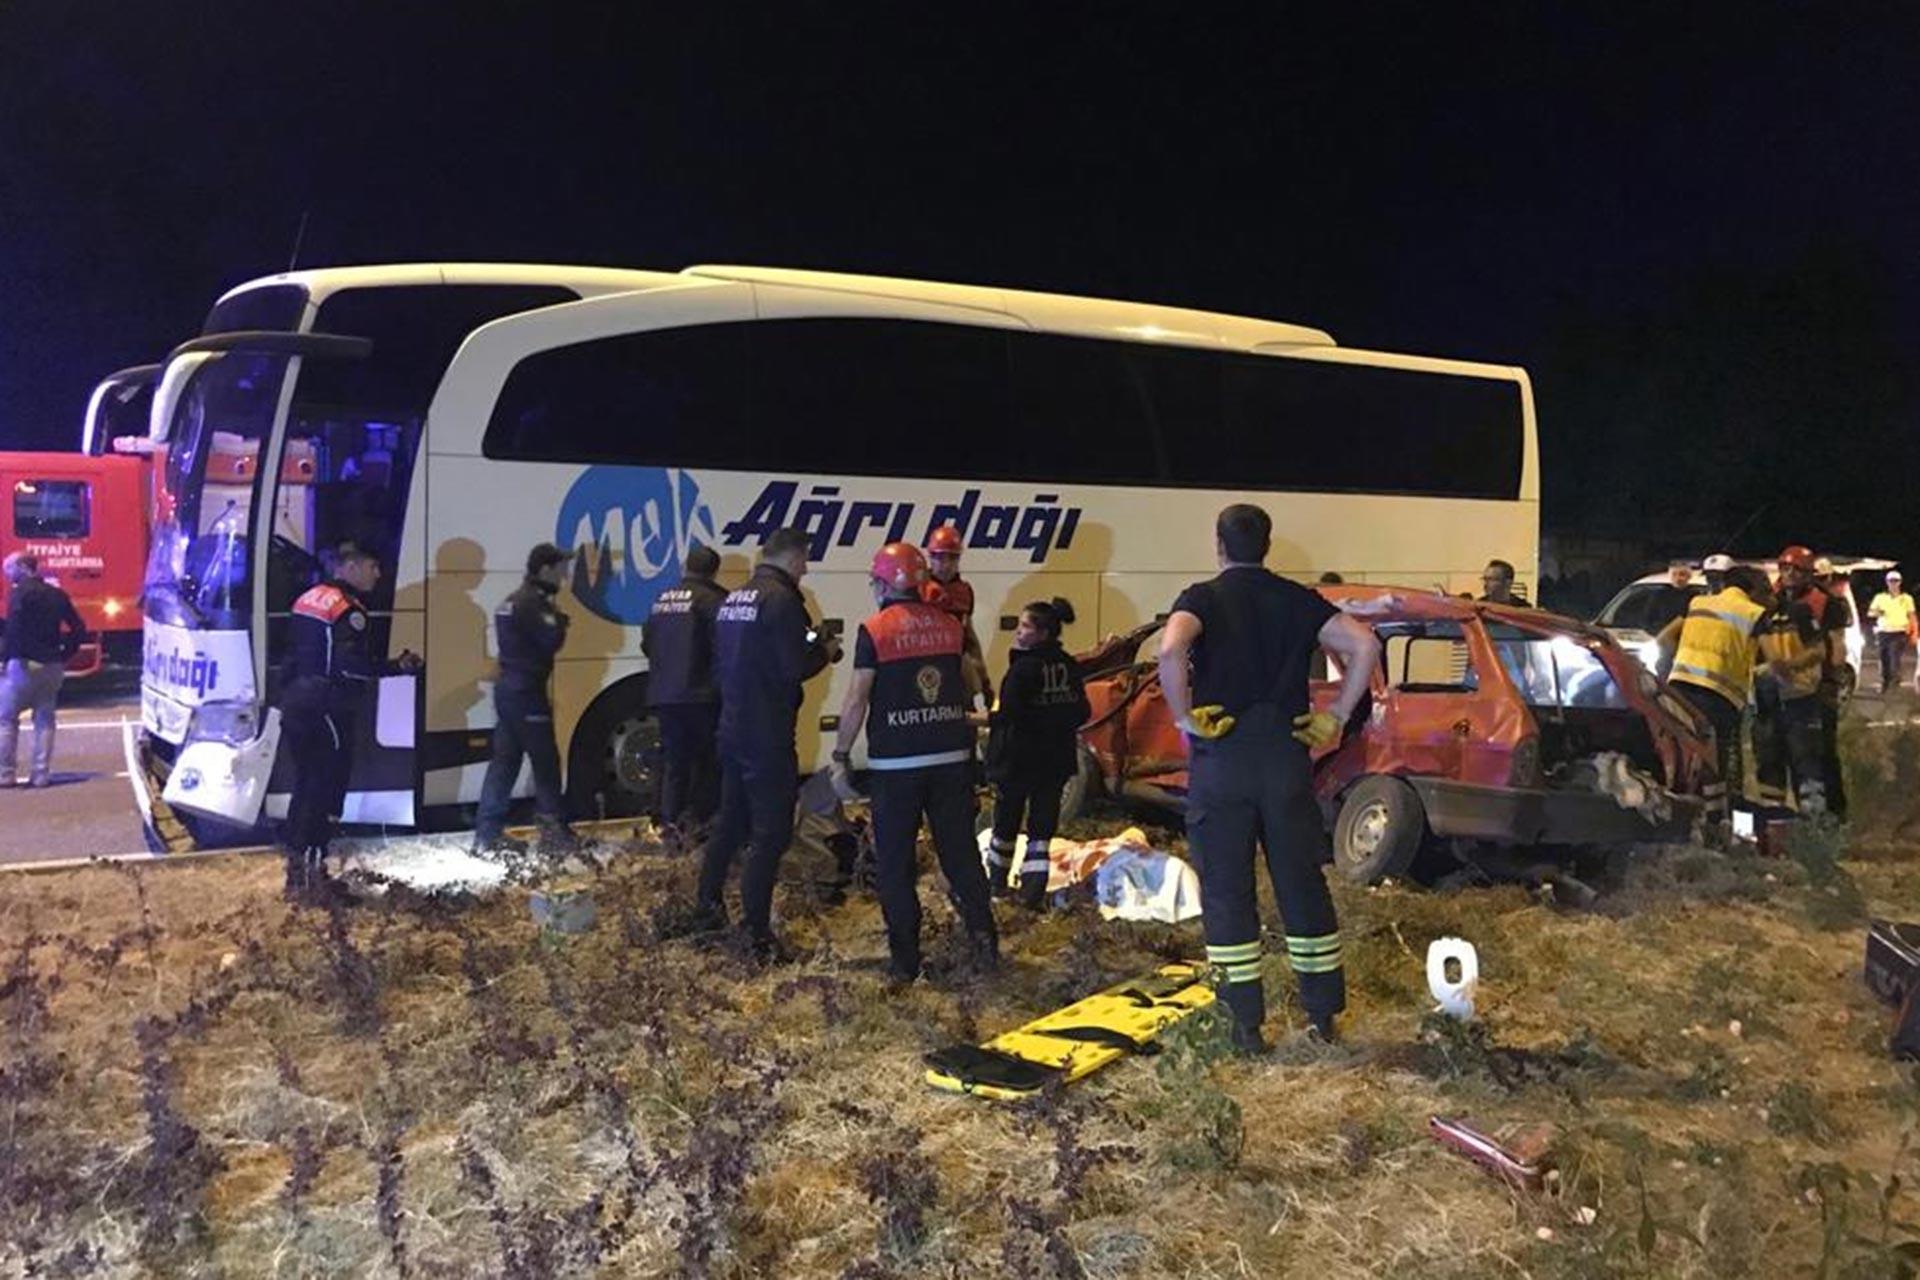 Sivas'ta yolcu otobüsü ile otomobil çarpıştı, 3 kişi hayatını kaybetti